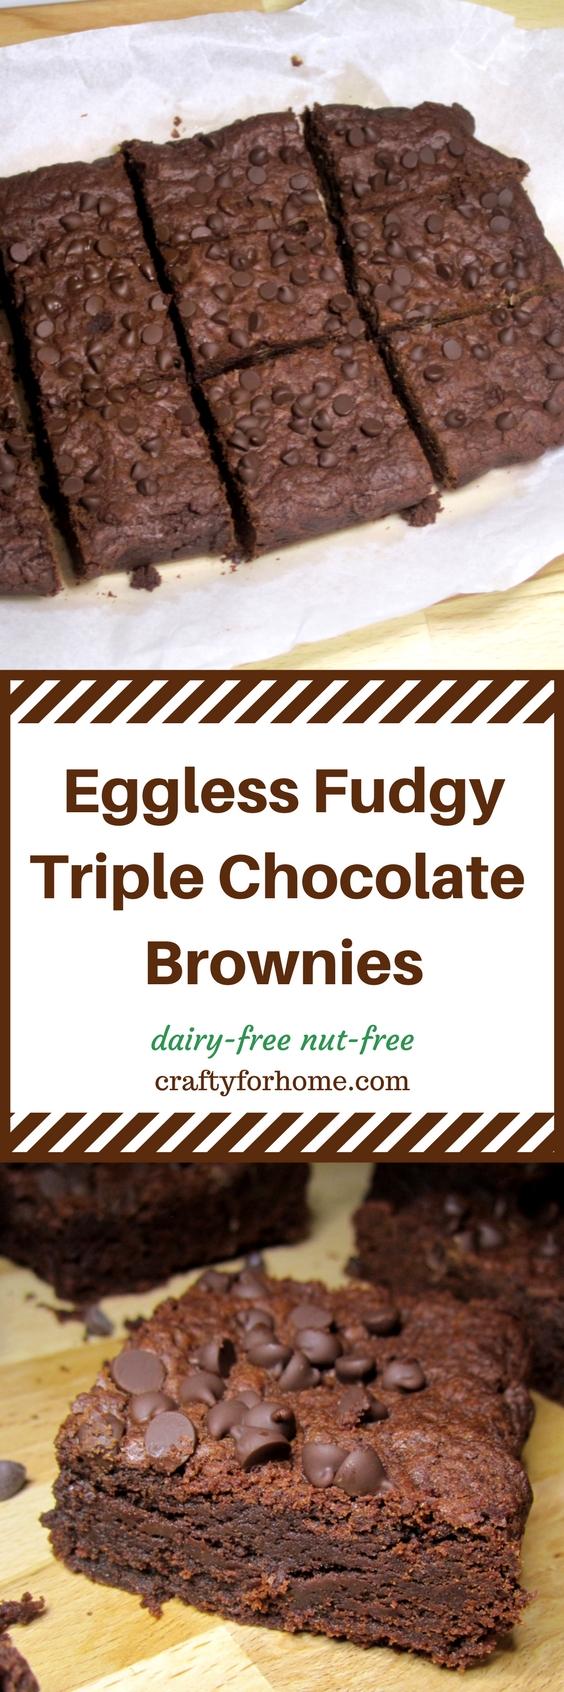 Eggless Fudgy Triple Chocolate Brownies. The best fudgy chocolate brownies without egg. Triple the chocolate to get more chocolate in each bite. #eggfree #veganbrownies #dairyfreebrownies #fudgybrownies for full recipe on www.craftyforhome.com